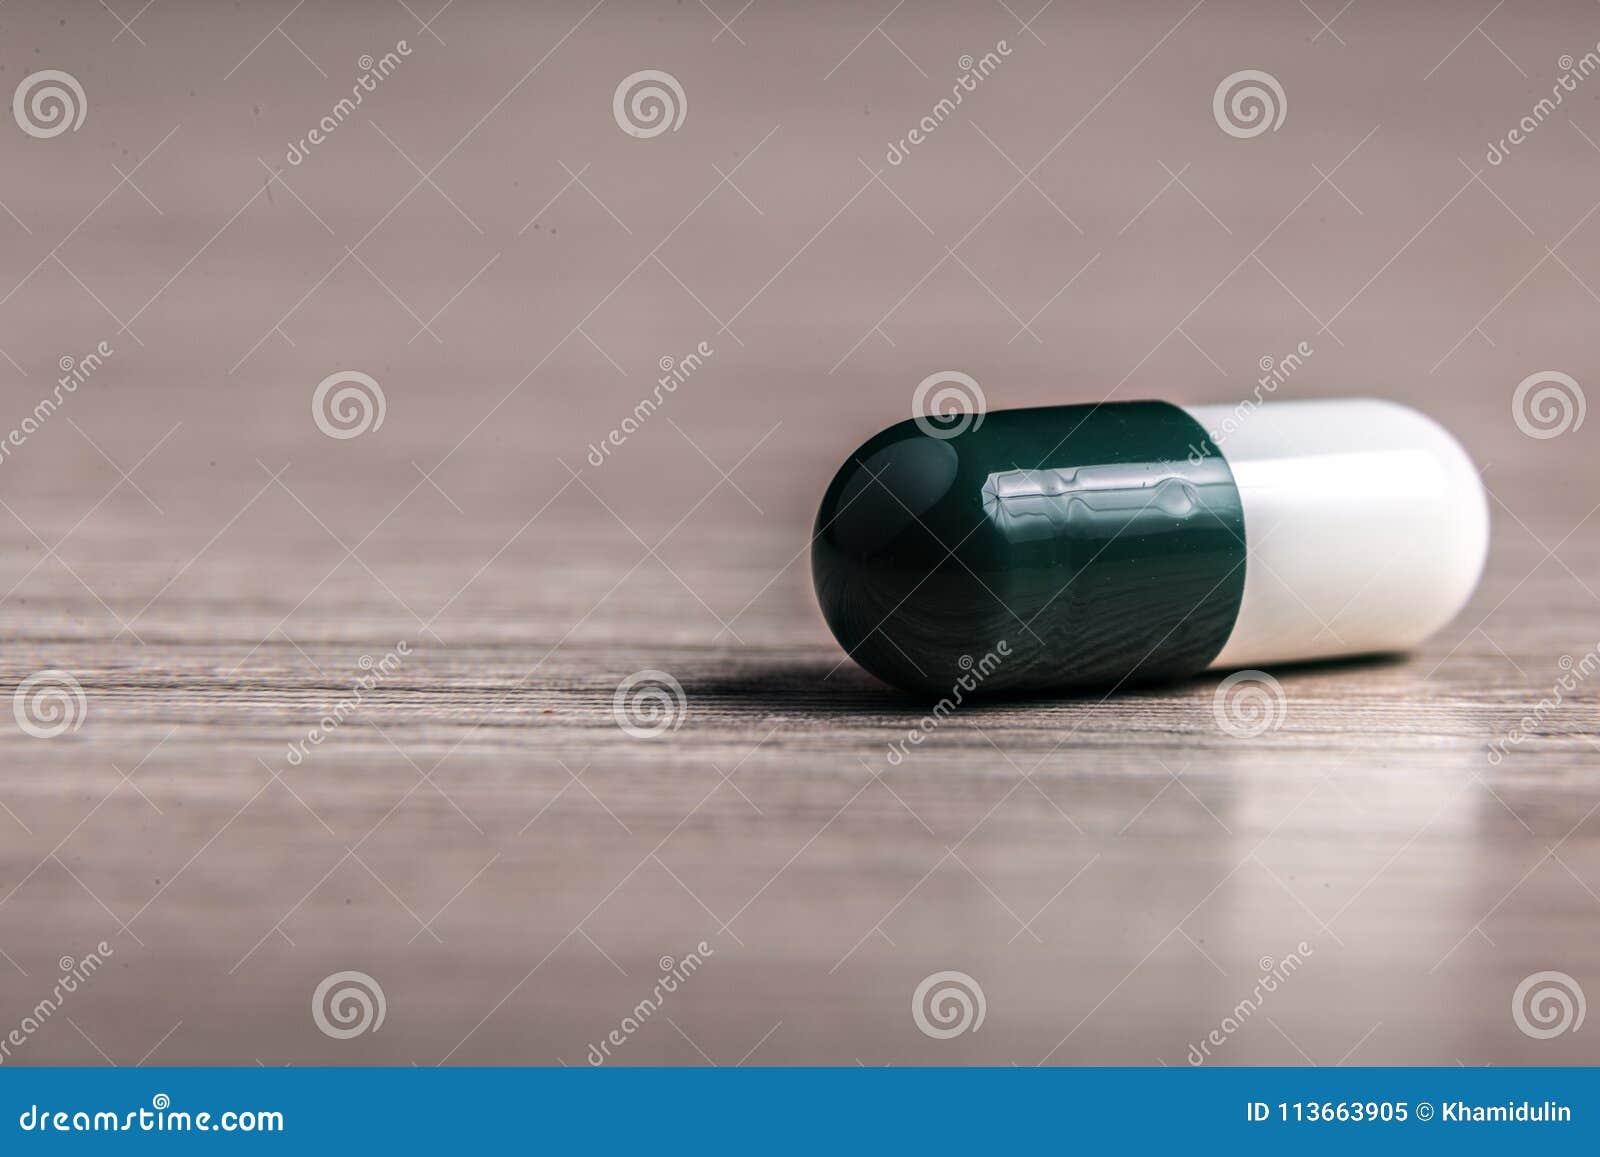 以粉末的形式医药准备在胶囊